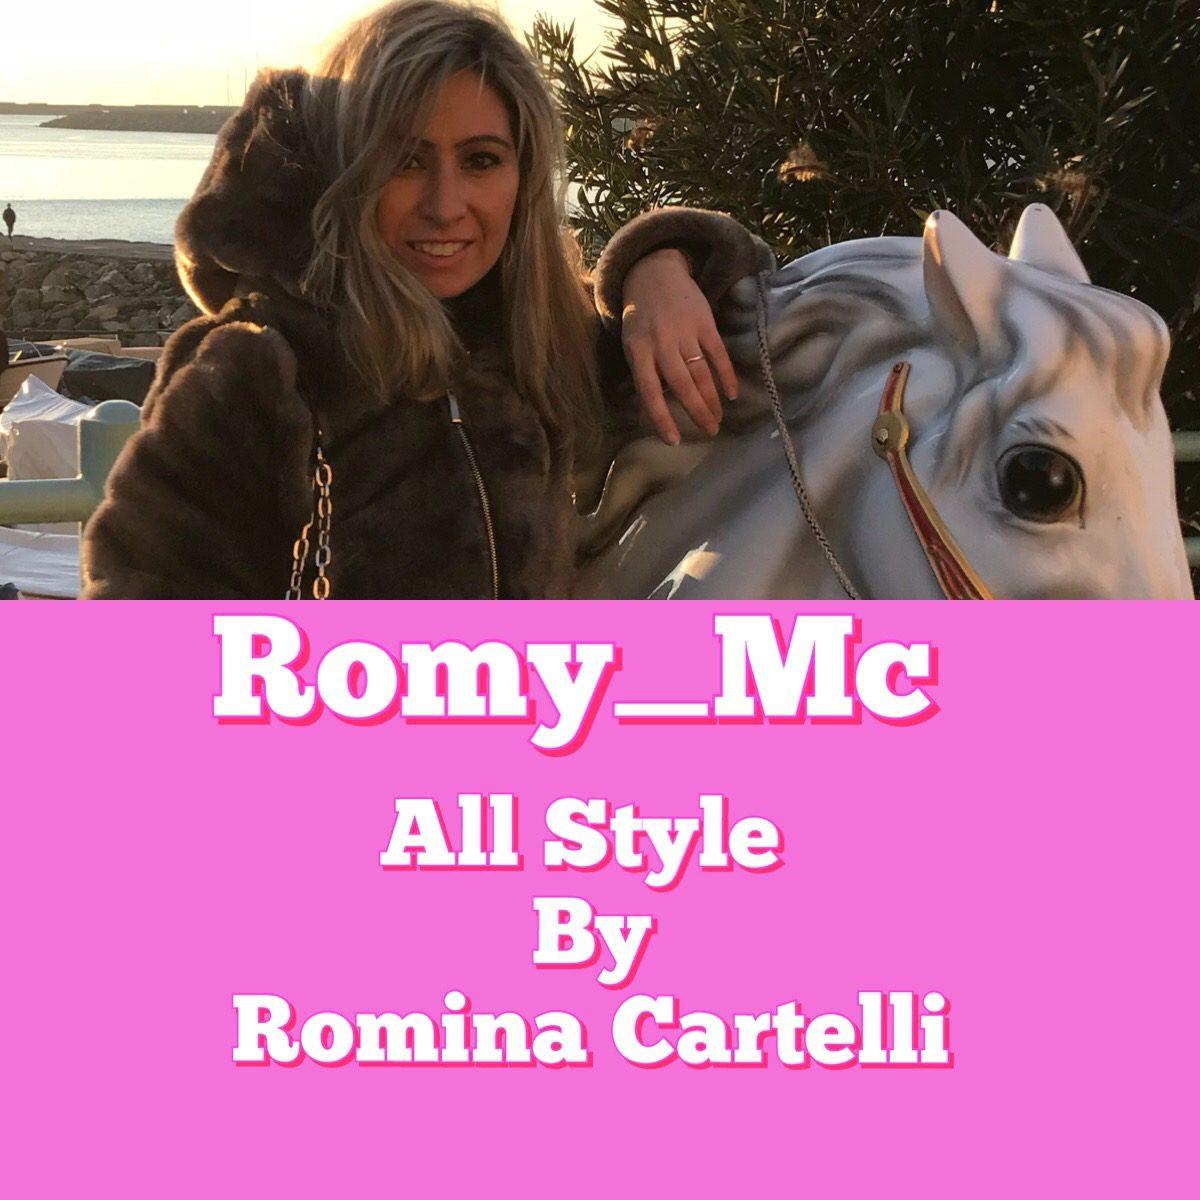 ROMY_MC